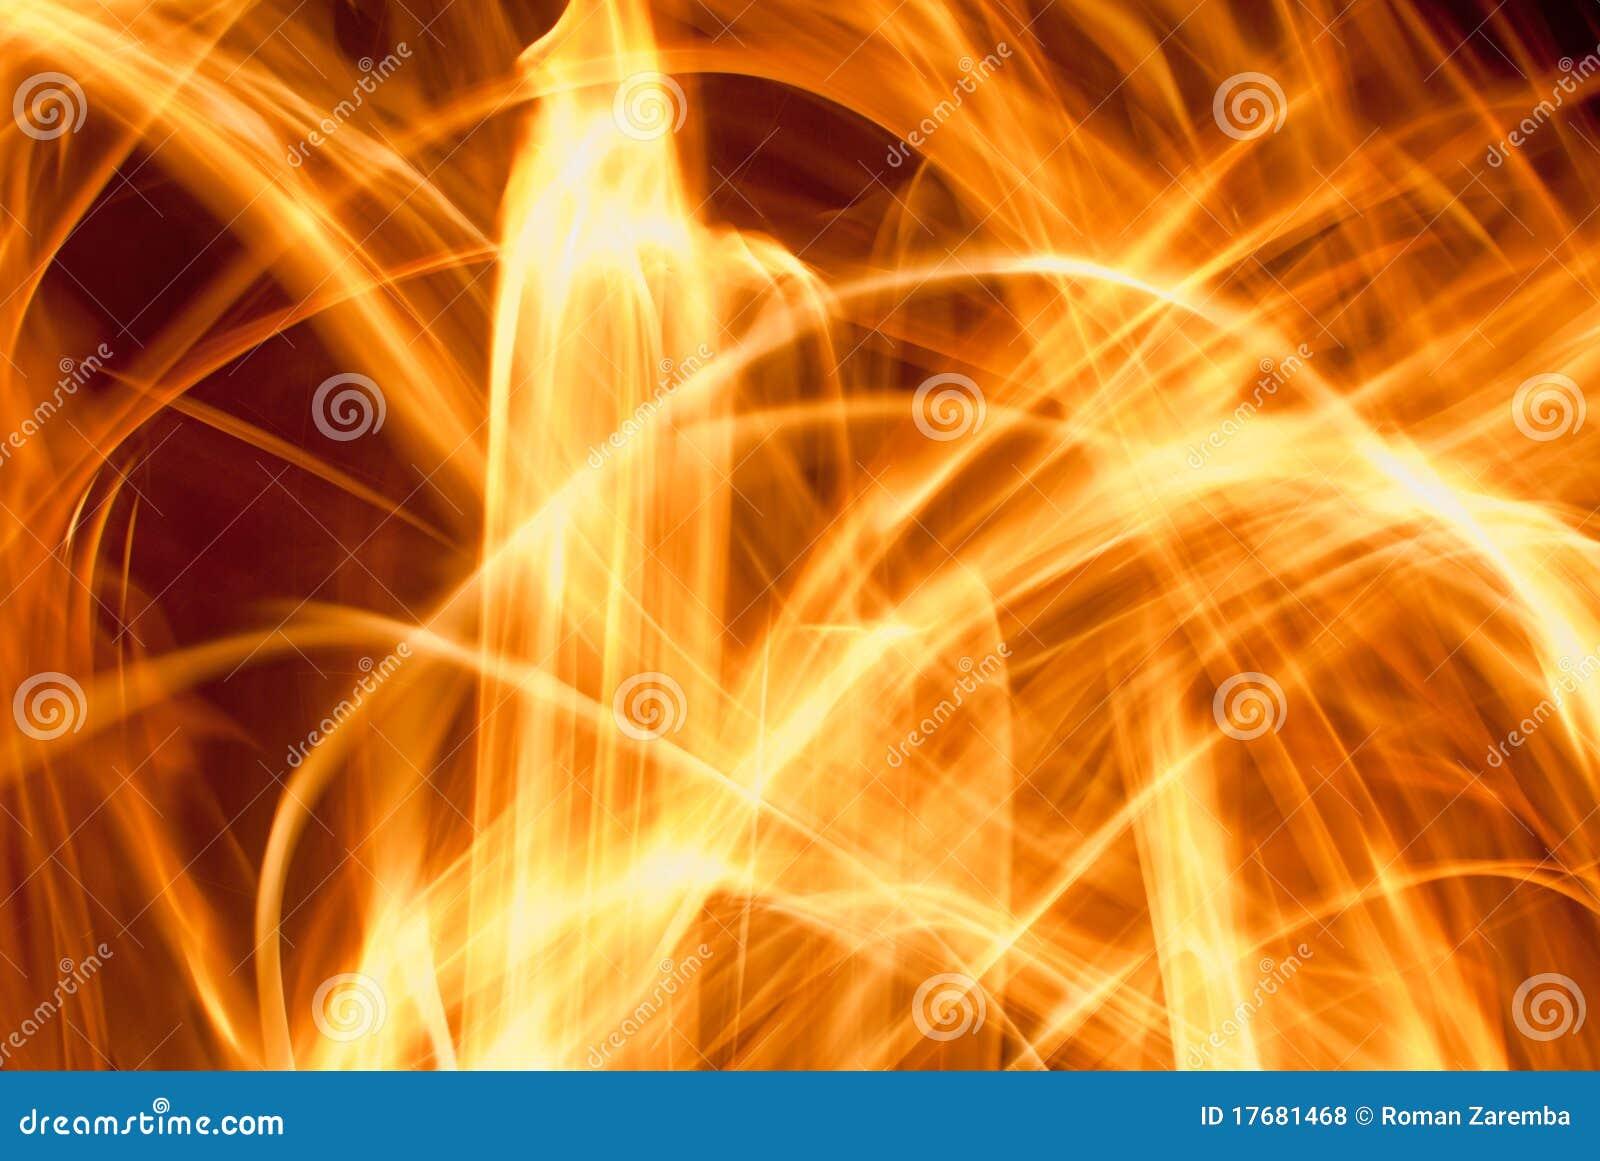 Abstrakcjonistyczny ogień